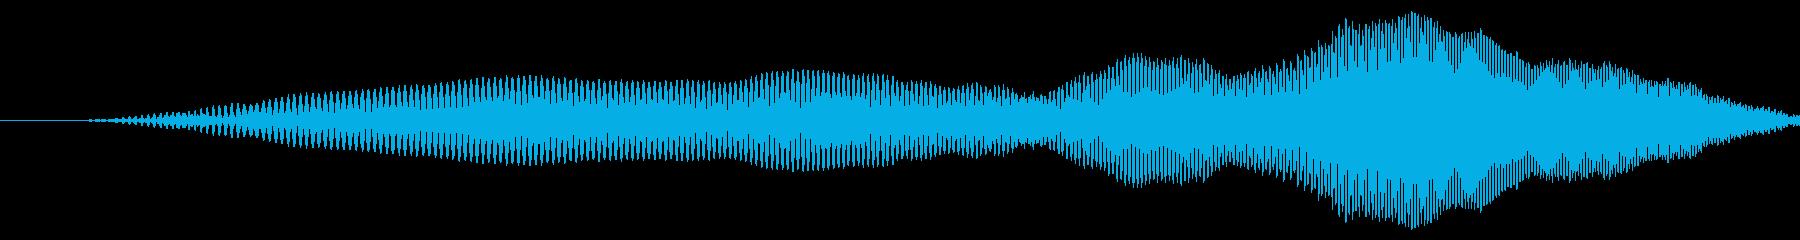 漫画のスライドslideが速くの再生済みの波形